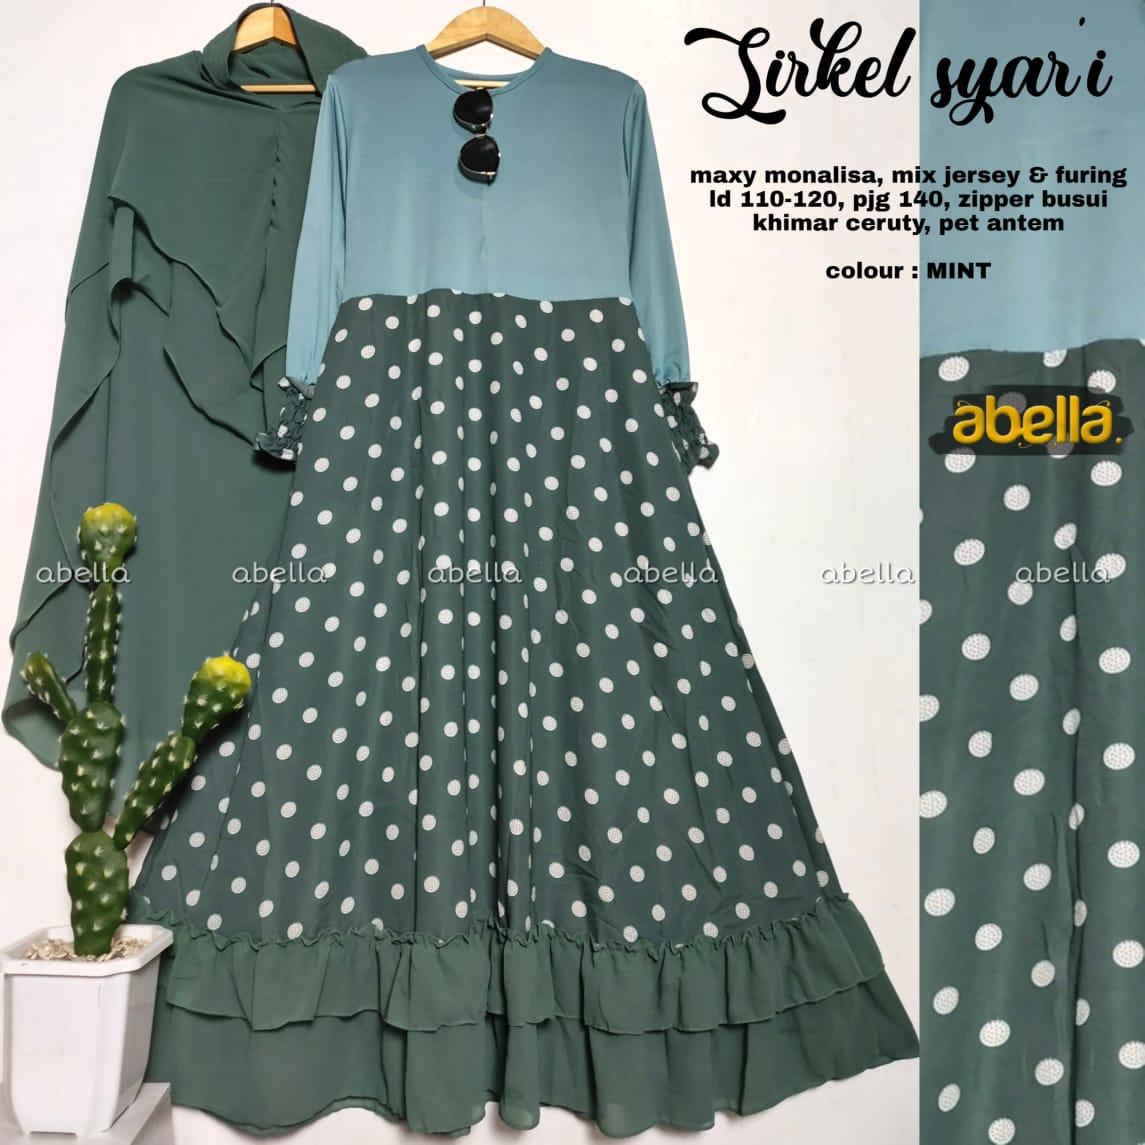 Sirkel Maxy Monalisa Mix Jersey Busui Model Gamis Terbaru 9 Untuk  RemajaModel Baju dress Panjang EleganDress Baju Muslim Wanita  TerbaruSketsa